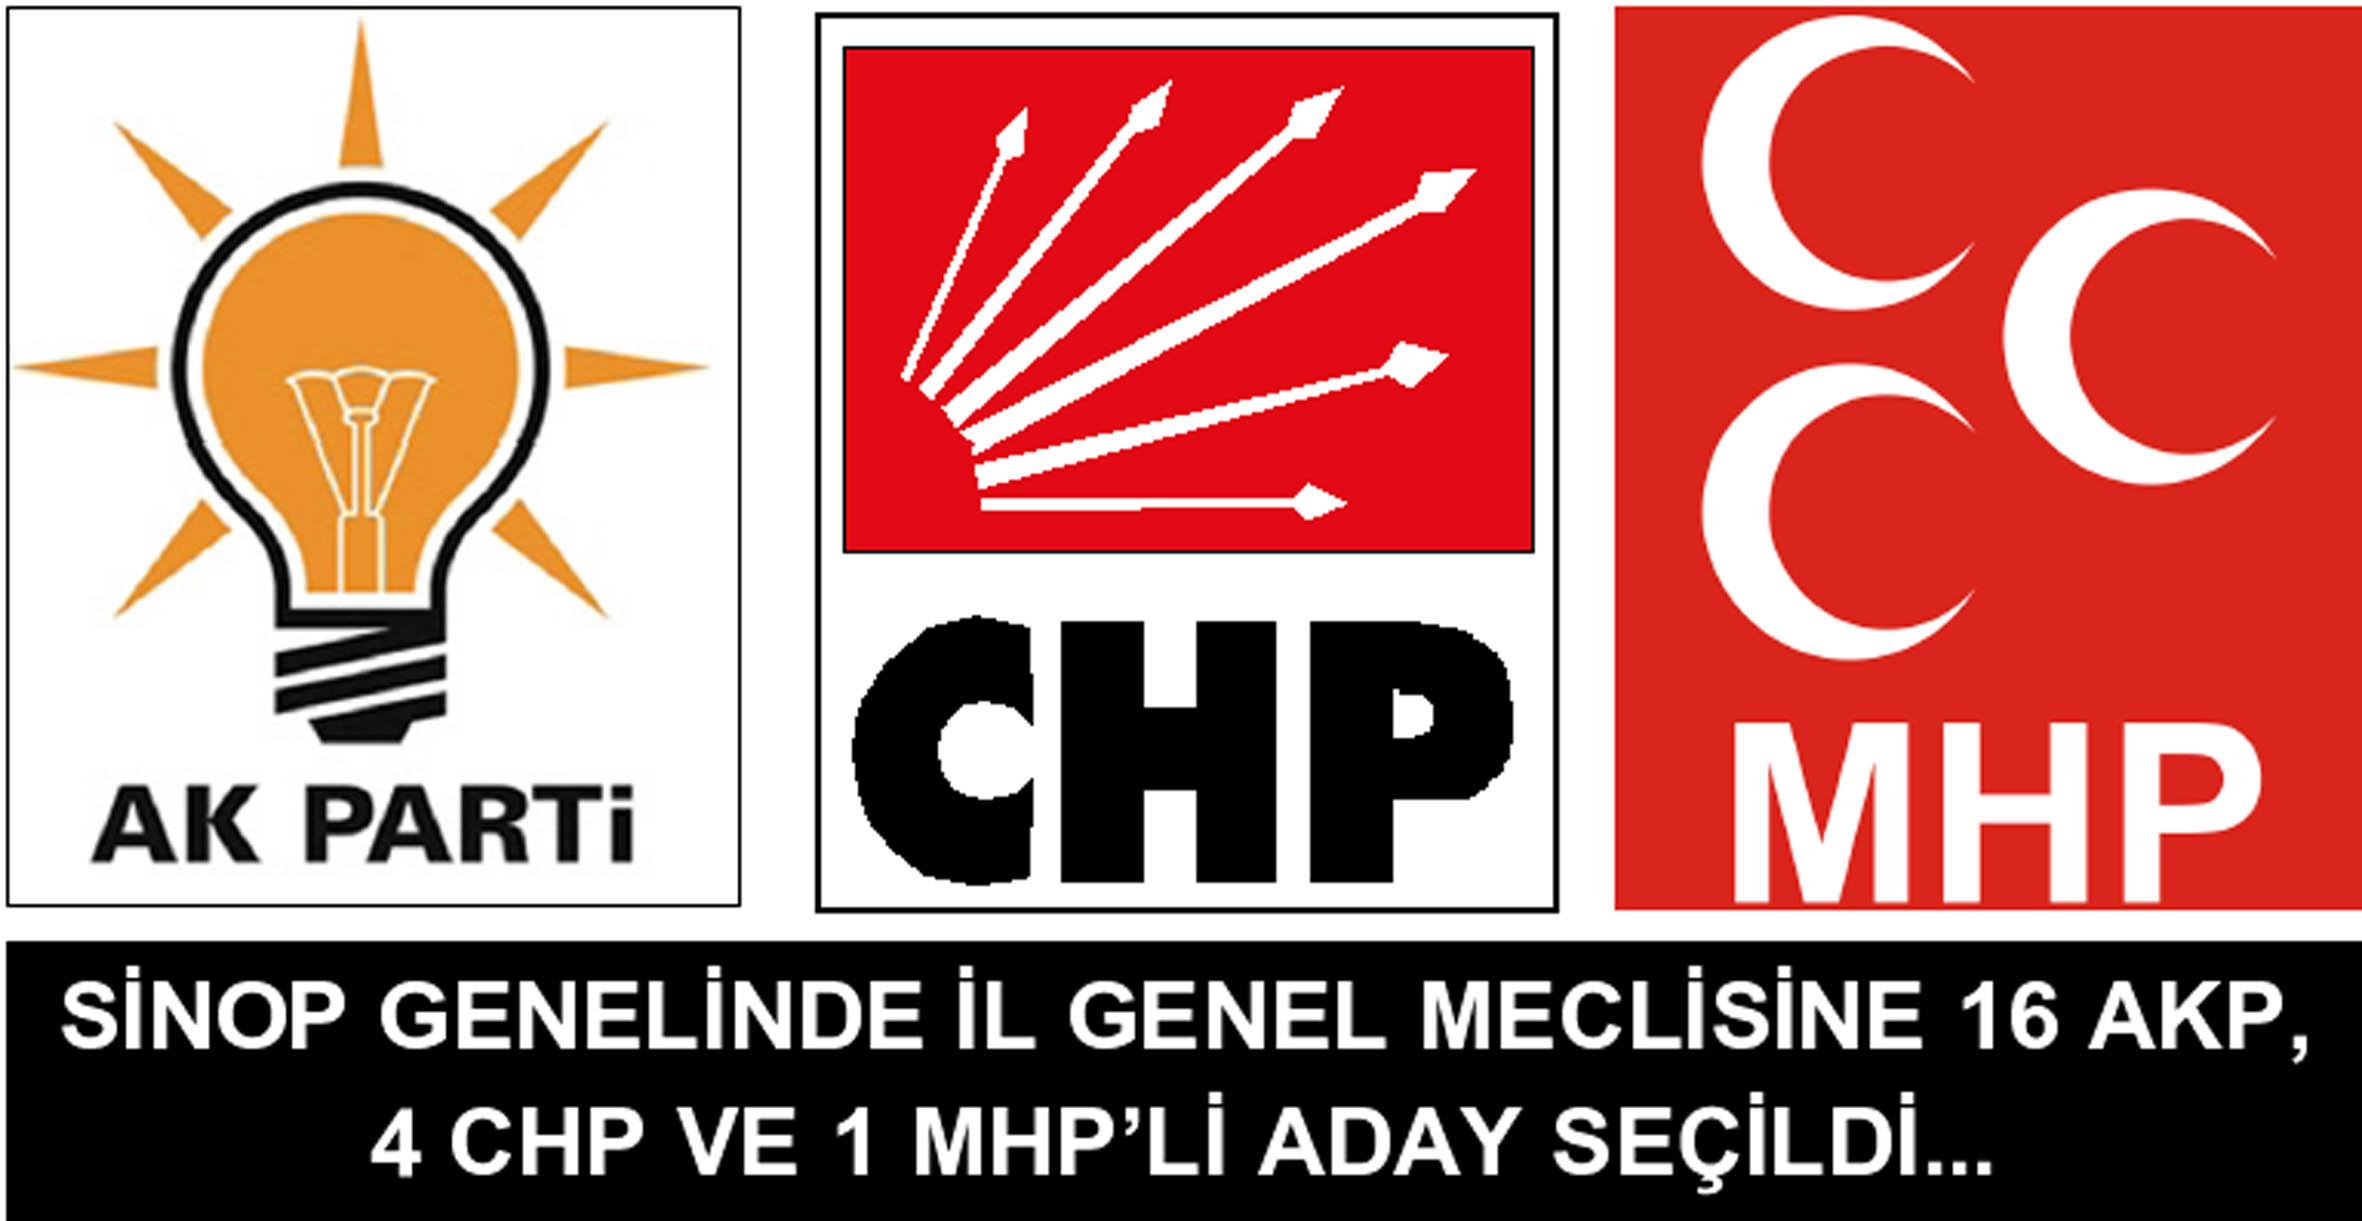 AK Parti, CHP ve MHPden ortak soykırım bildirisi